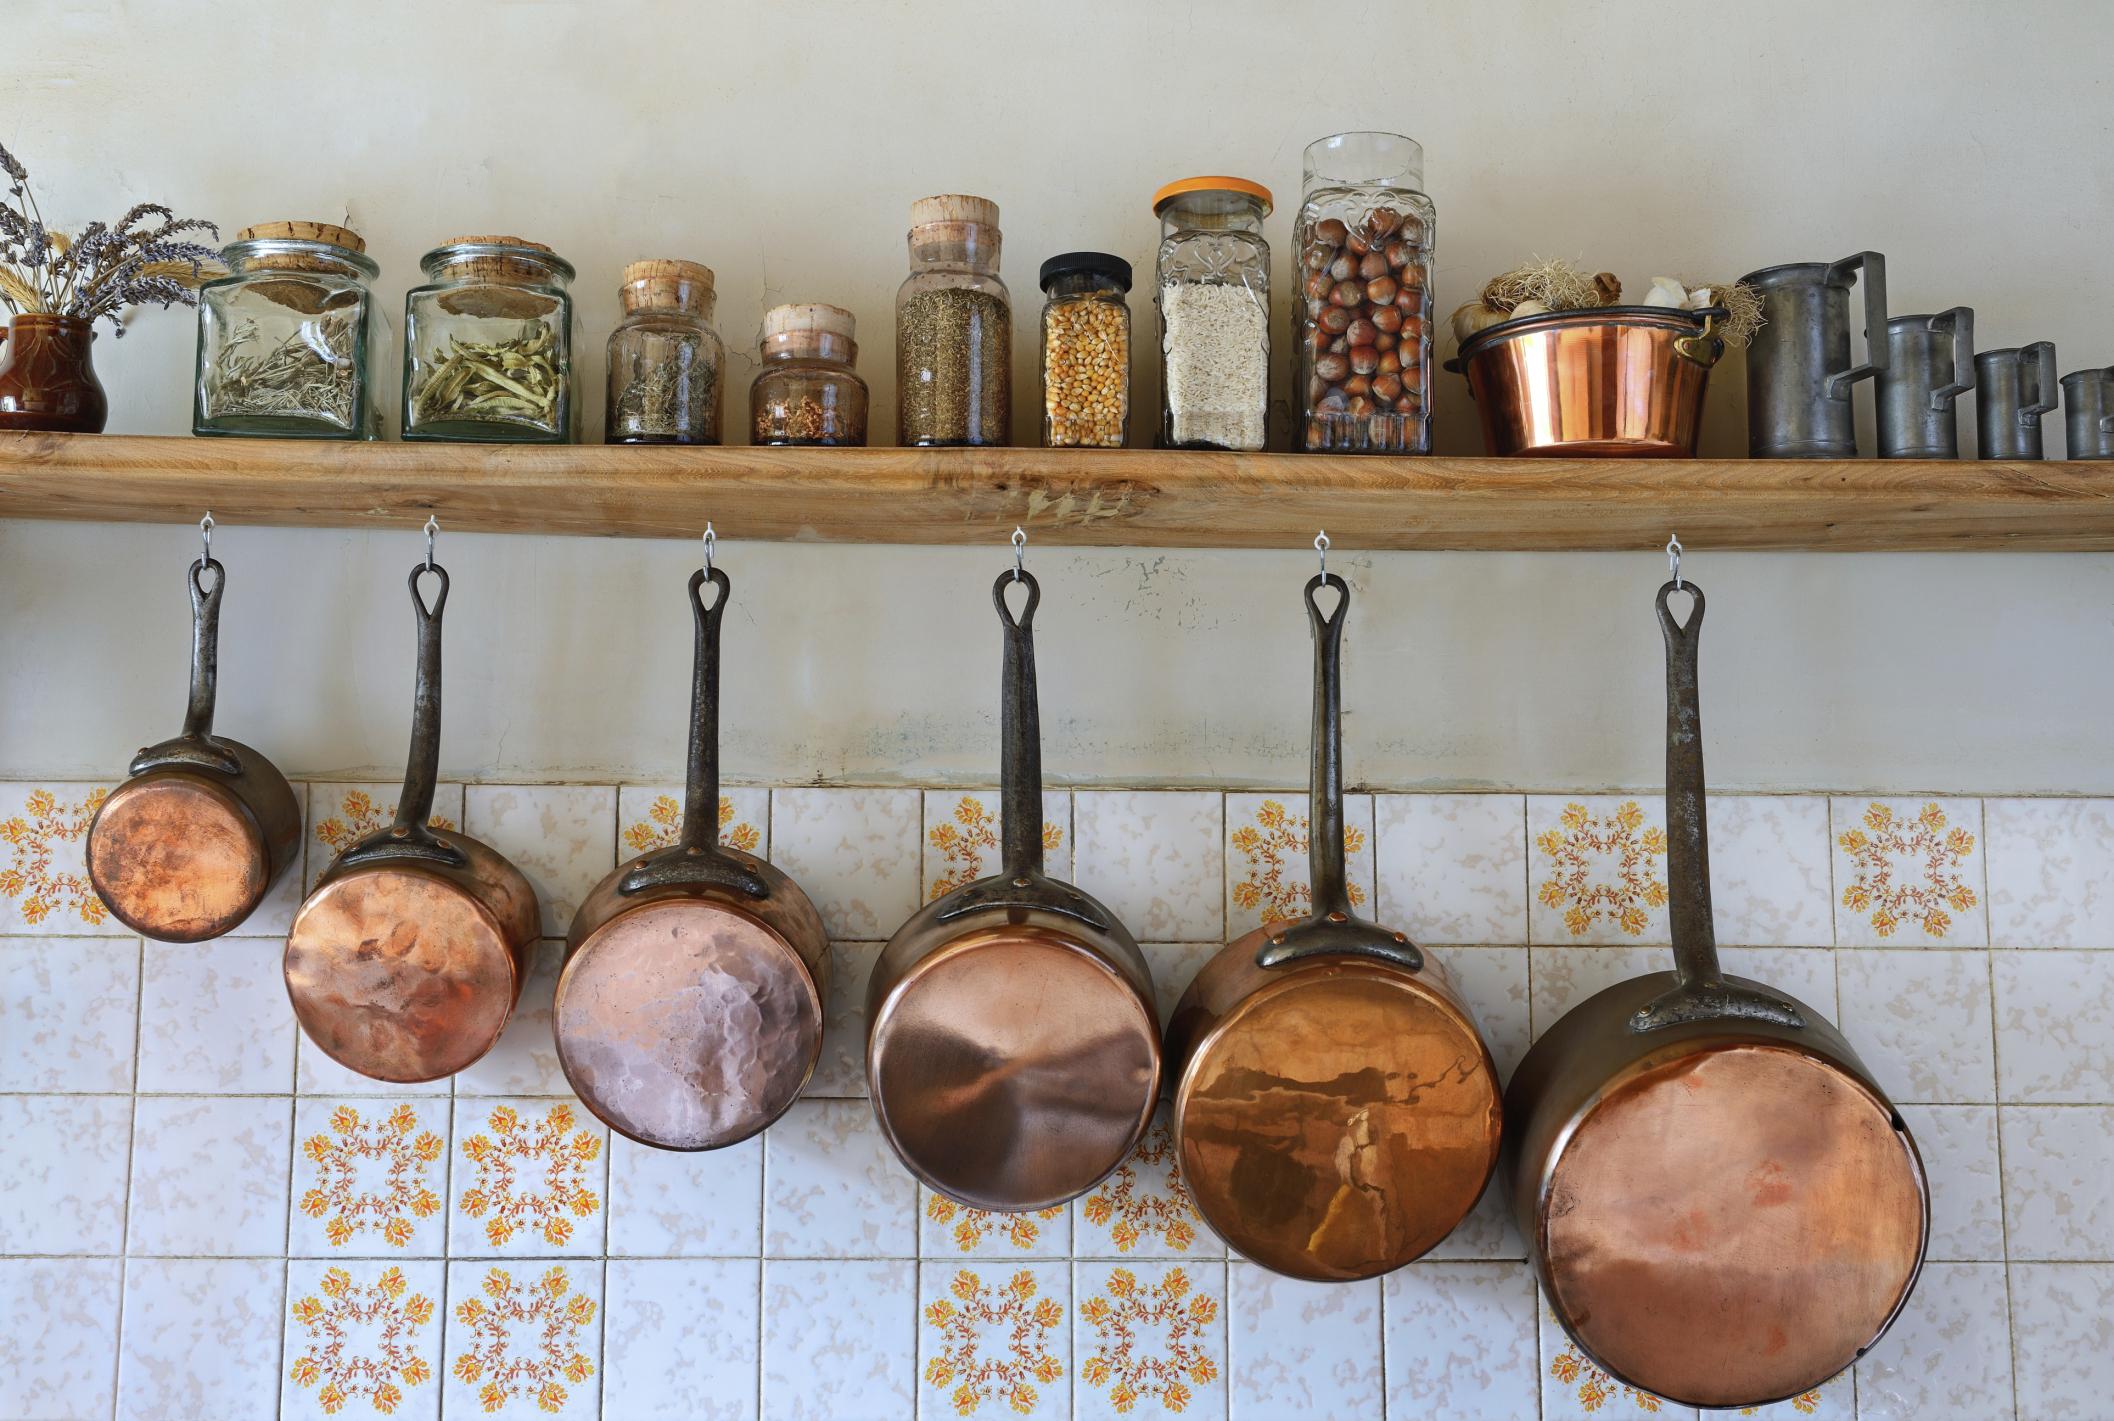 10 X Slimme Tips Voor Een Kleine Re Keuken Culy Nl